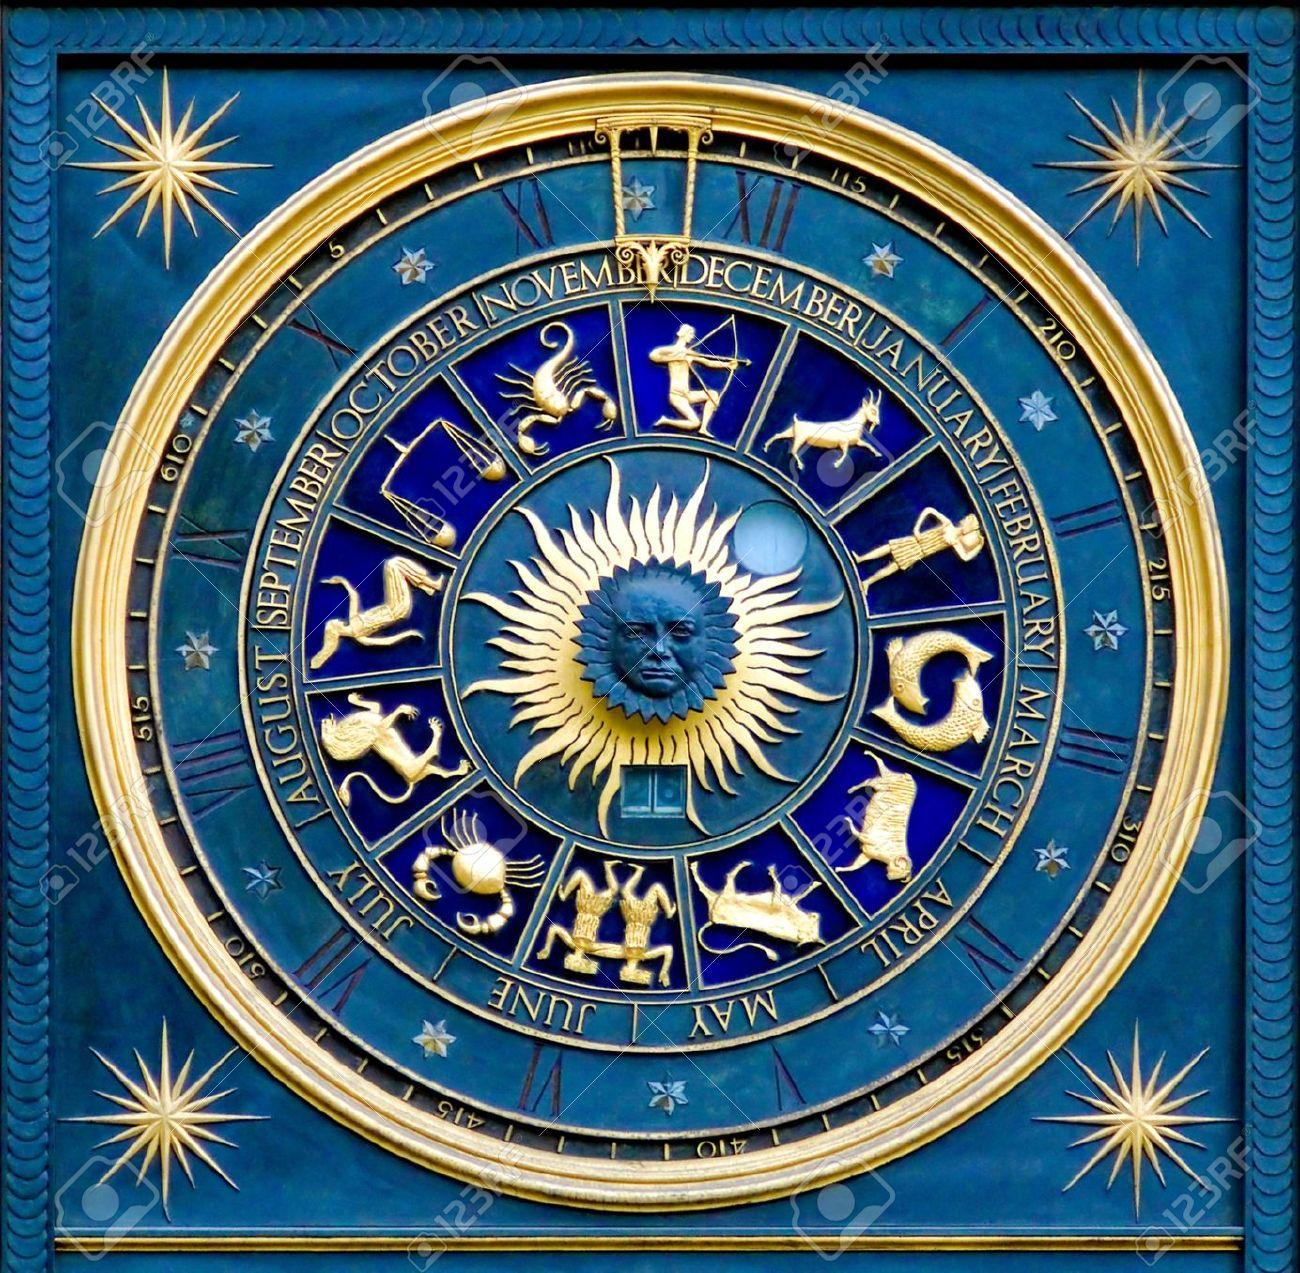 686449-Blue-zodiaco-orologio-d-oro-e-la-decorazione-deatail--Archivio-Fotografico